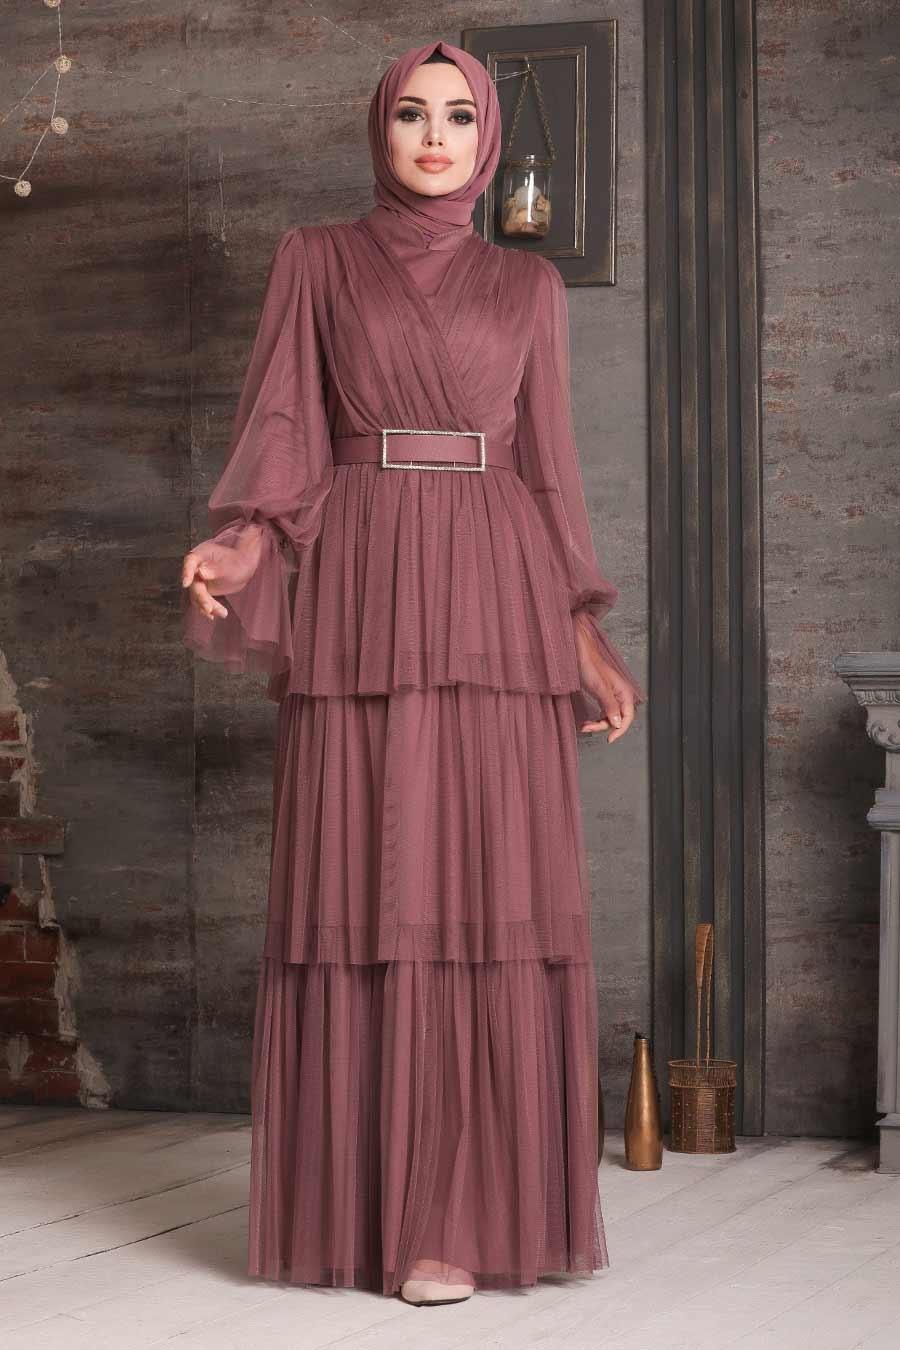 Tesettürlü Abiye Elbise - Kemerli Koyu Gül Kurusu Tesettür Abiye Elbise 21320KGK